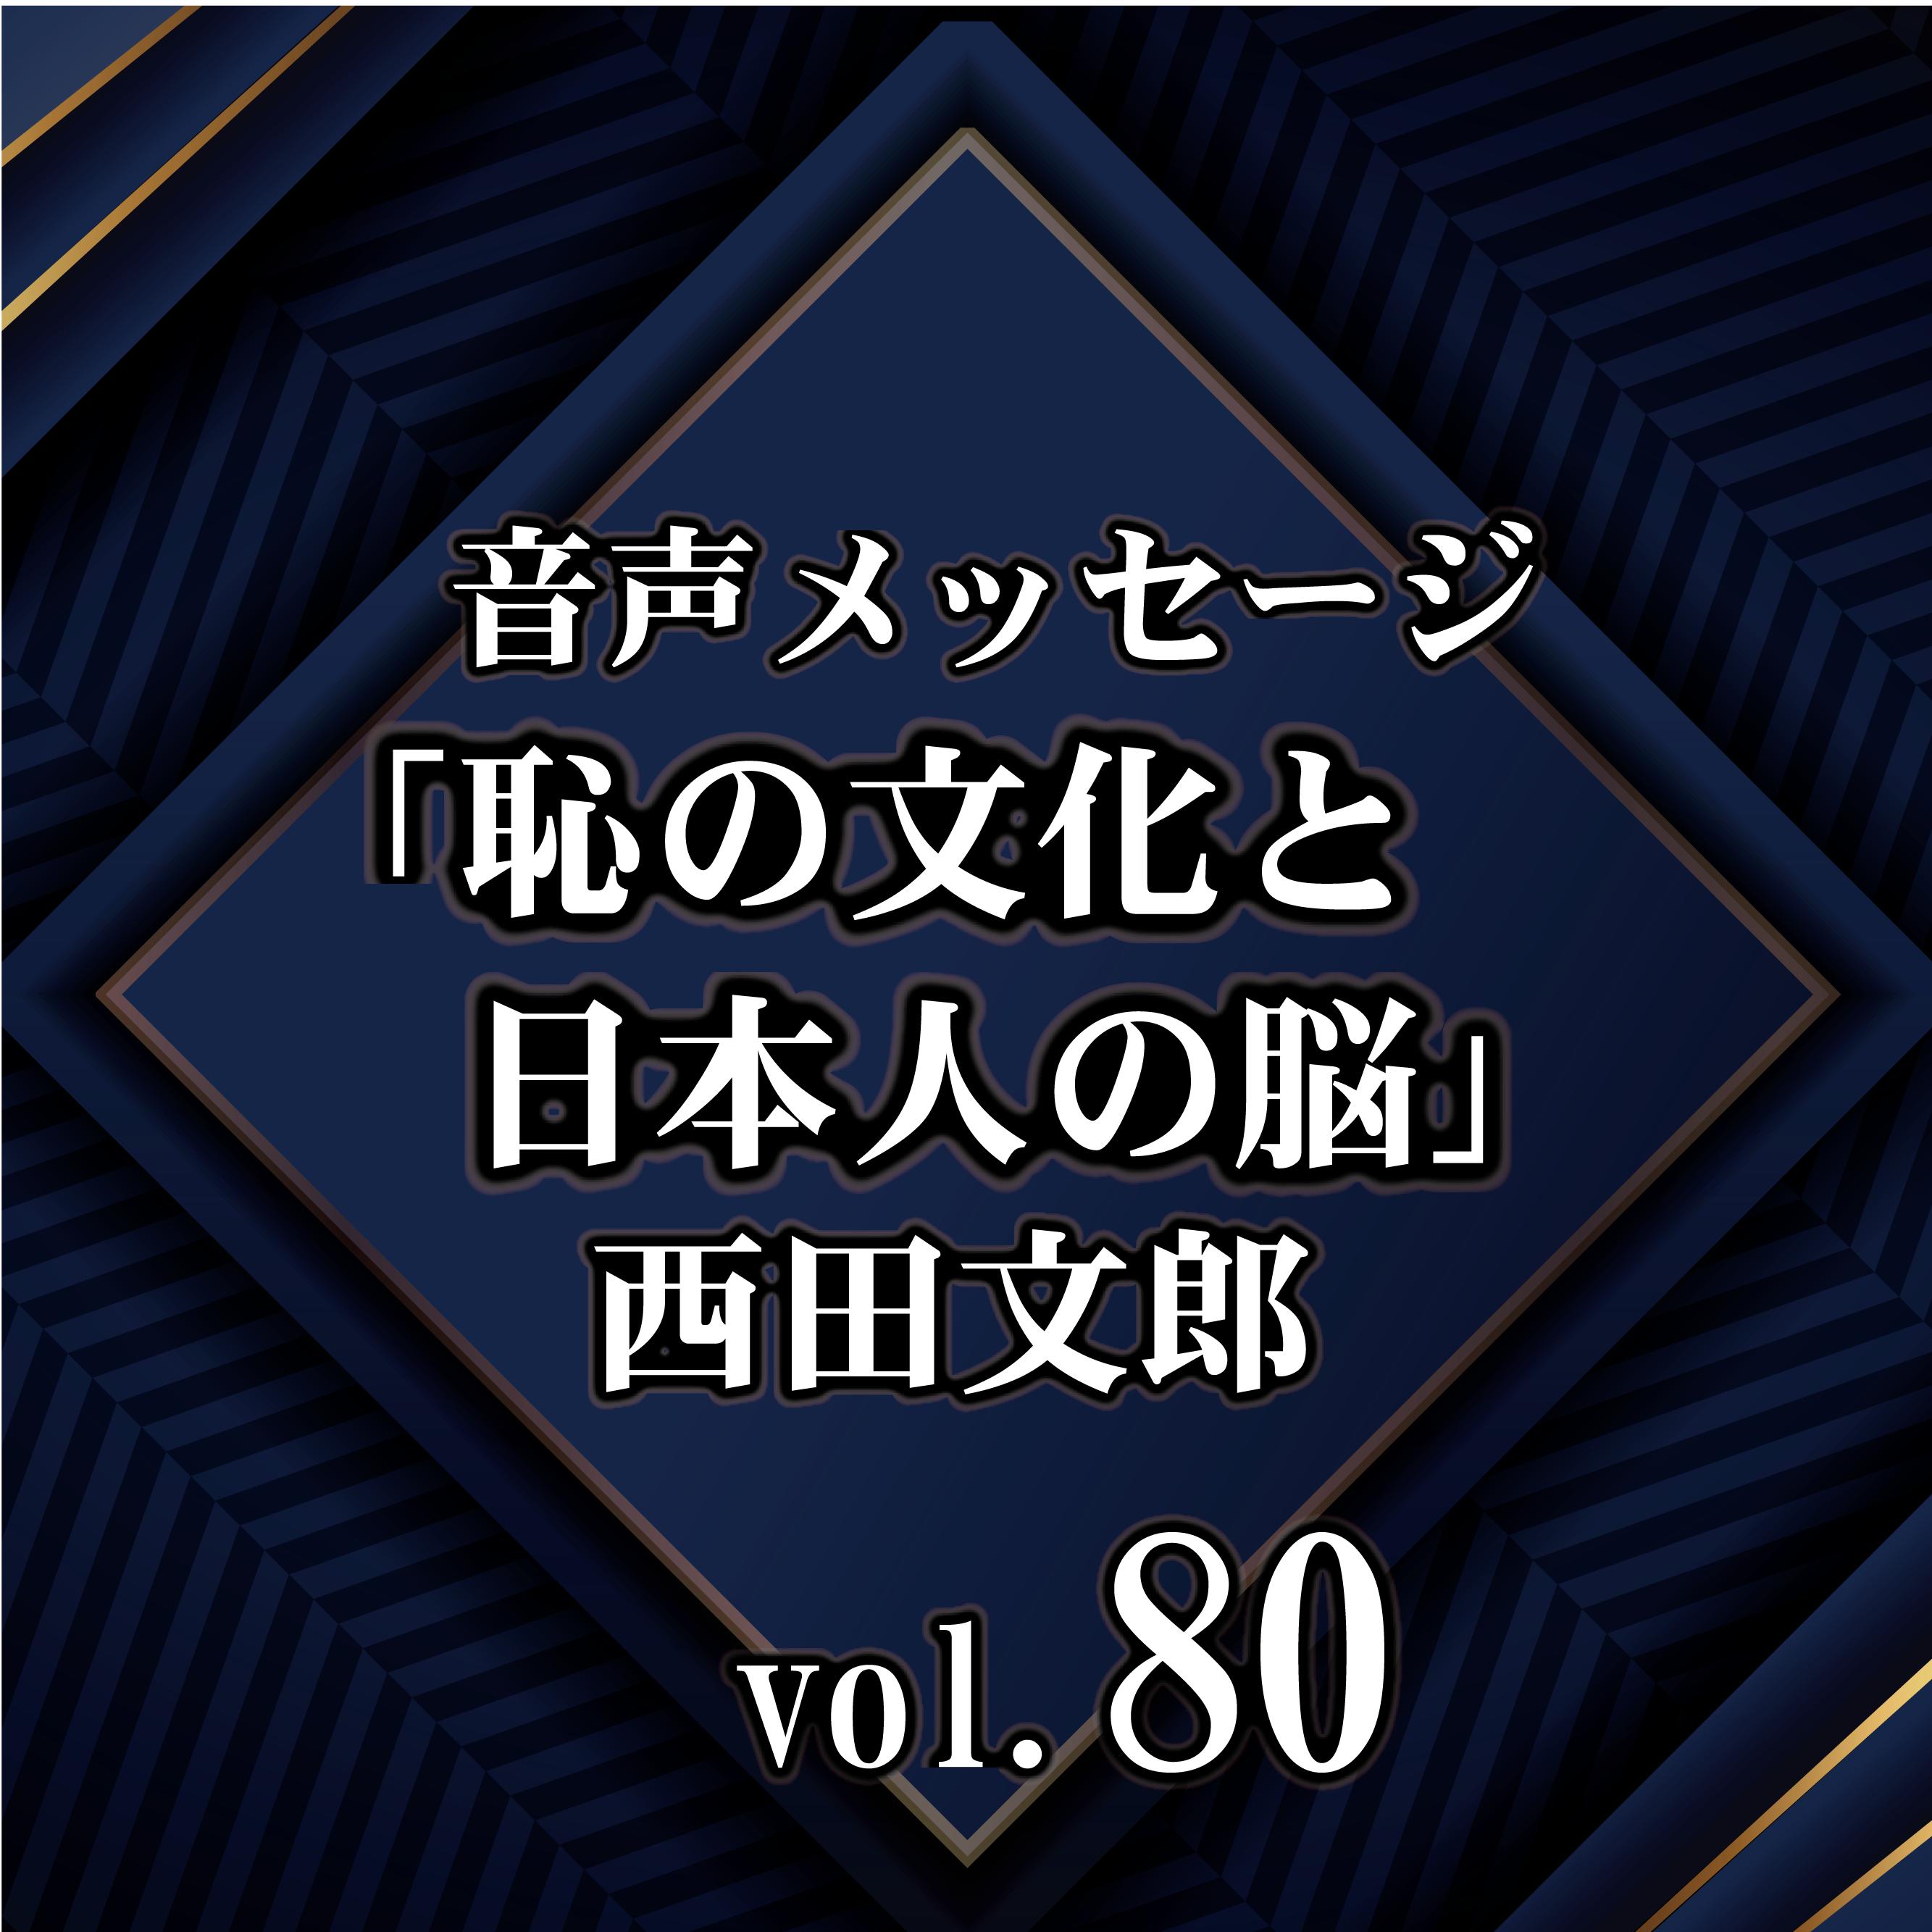 西田文郎 音声メッセージvol.80『恥の文化と日本人の脳』